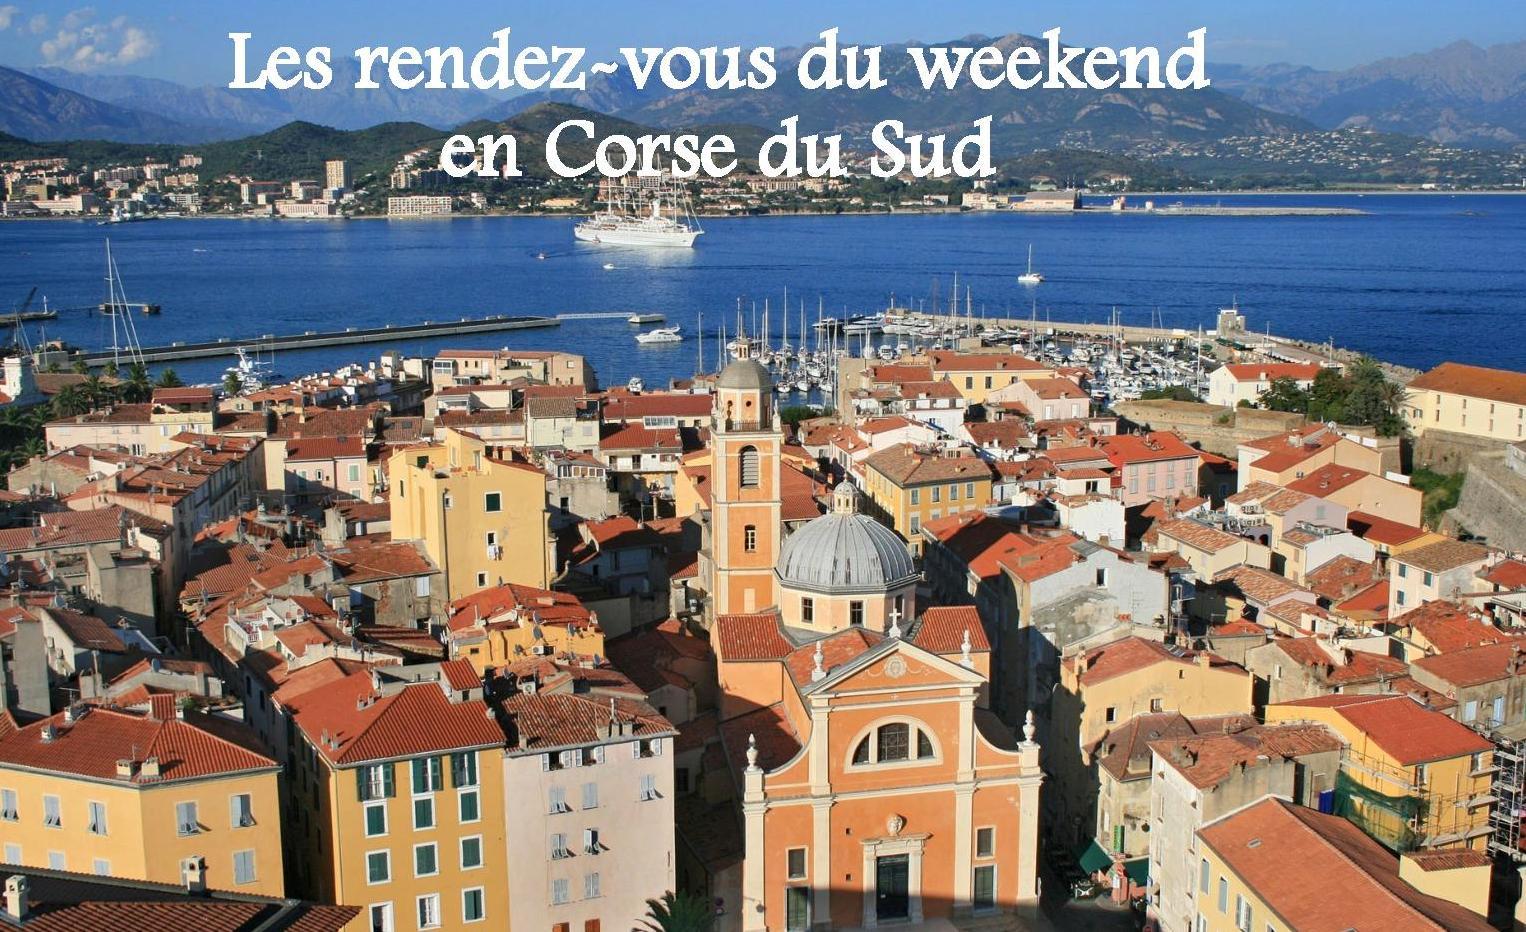 Que faire ce week-end ? Nos idées de sorties du 10 au 12 mars en Corse-du-Sud